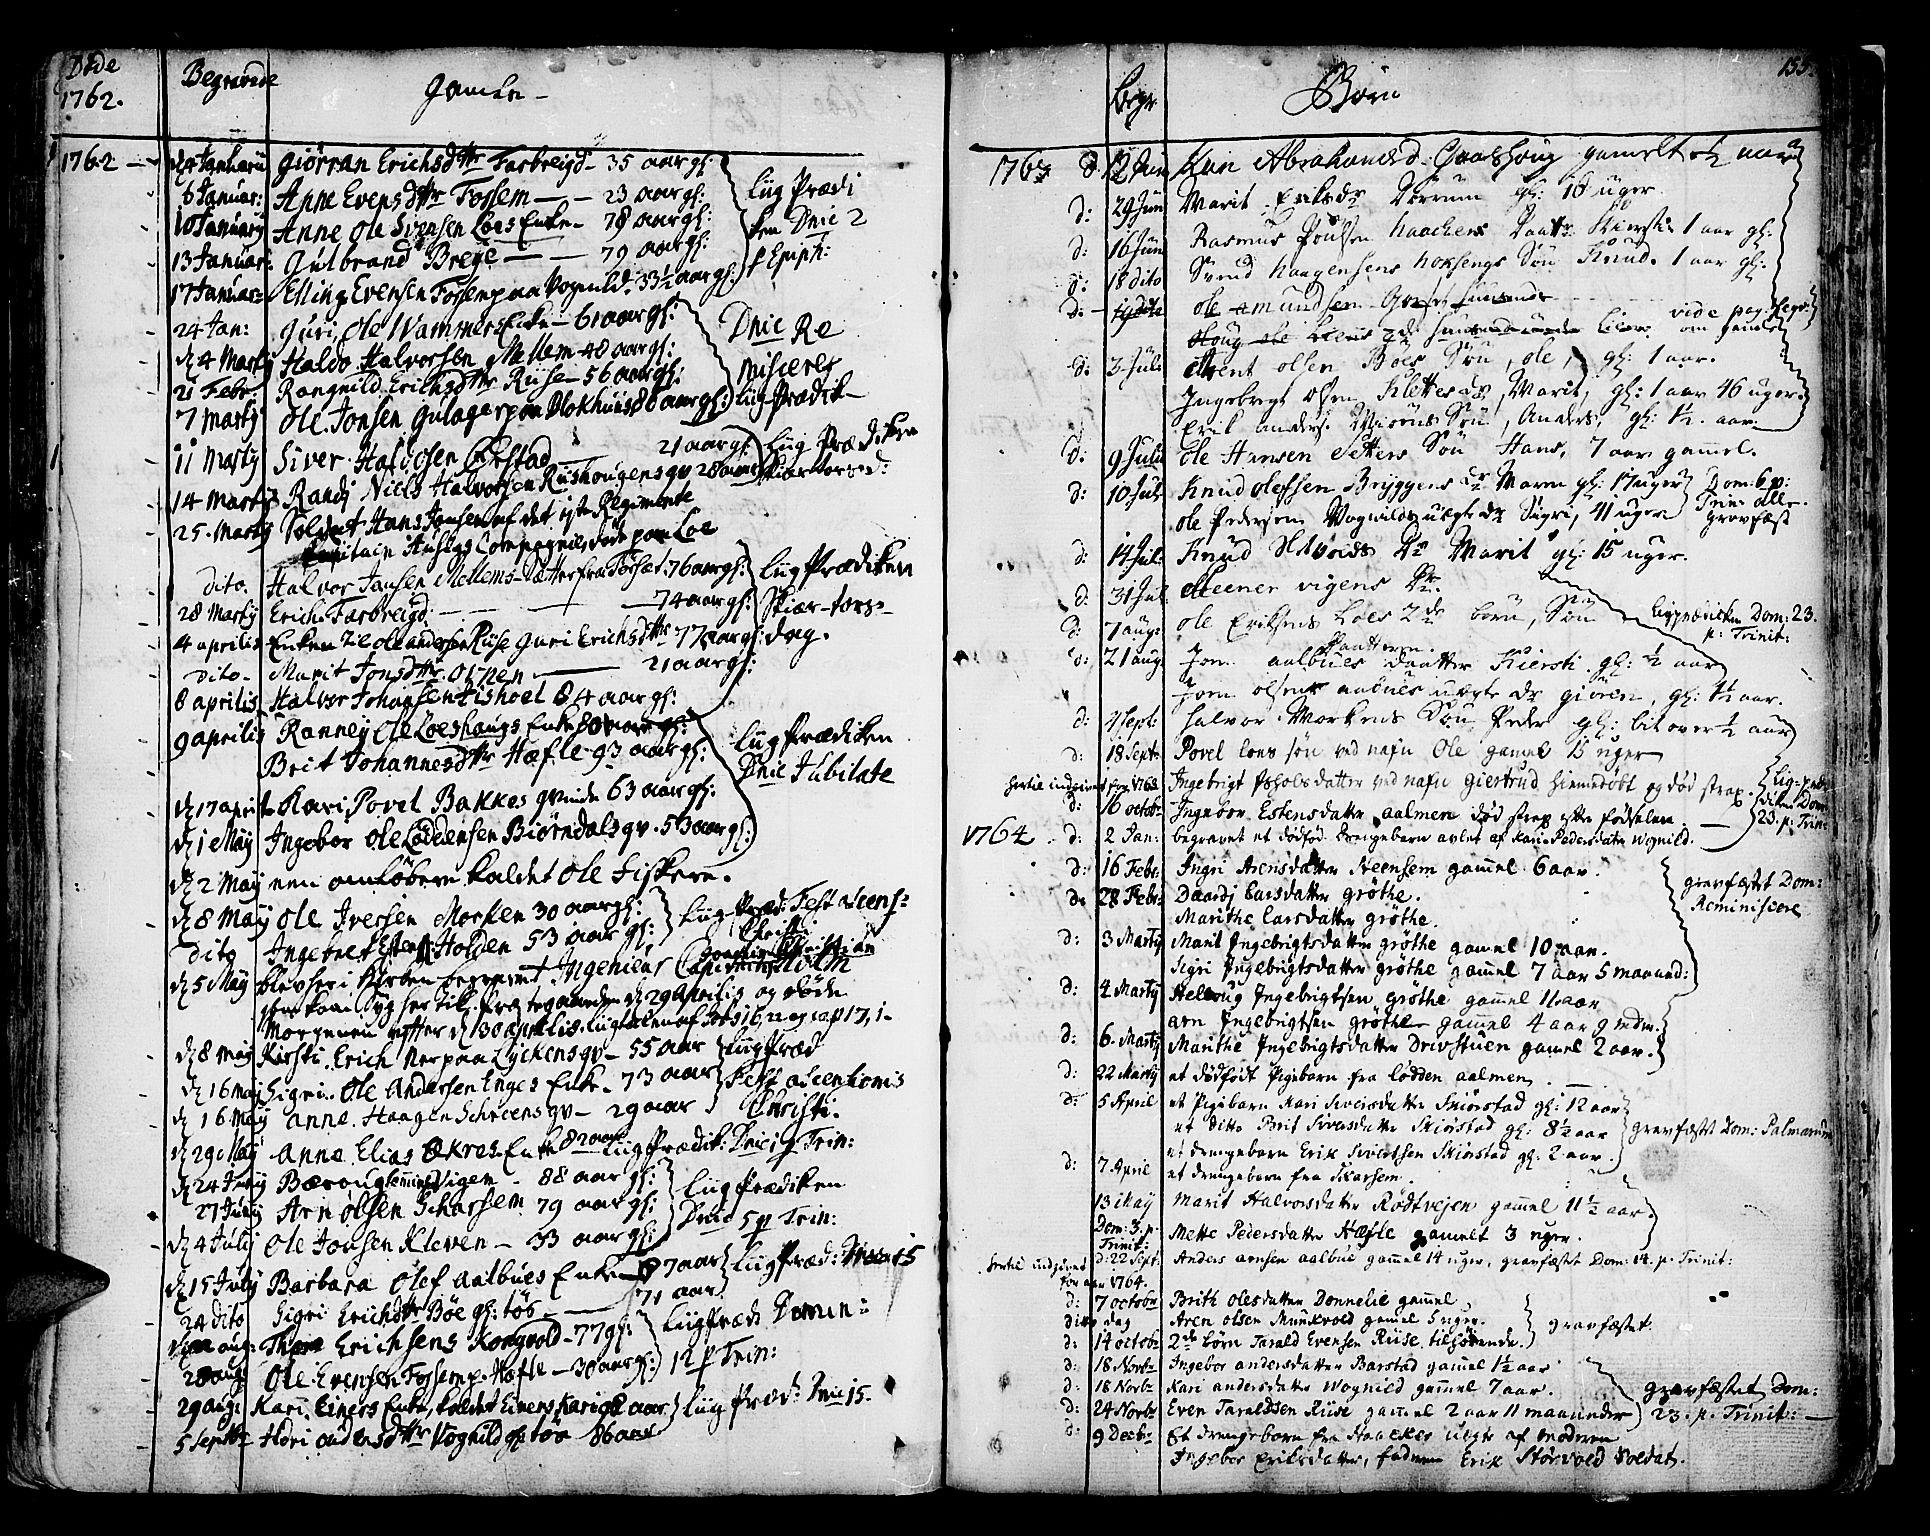 SAT, Ministerialprotokoller, klokkerbøker og fødselsregistre - Sør-Trøndelag, 678/L0891: Ministerialbok nr. 678A01, 1739-1780, s. 155